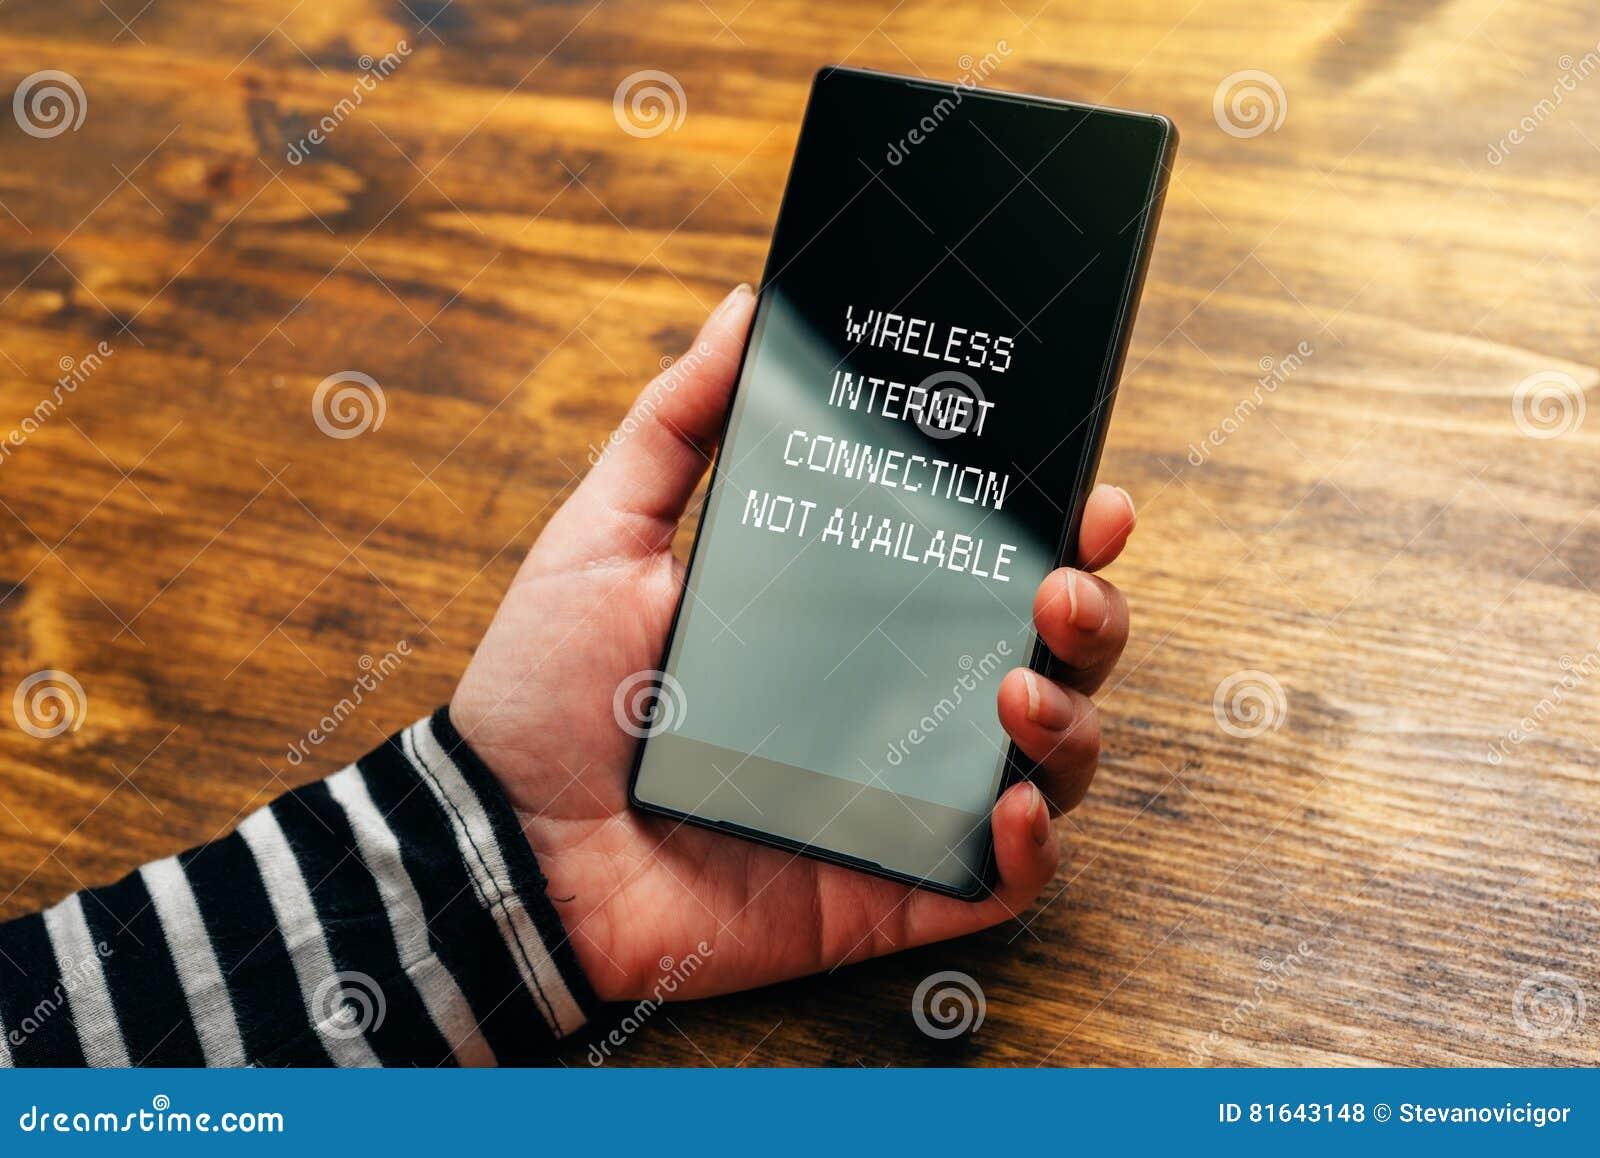 Notificación no disponible inalámbrica de la conexión a internet en elegante